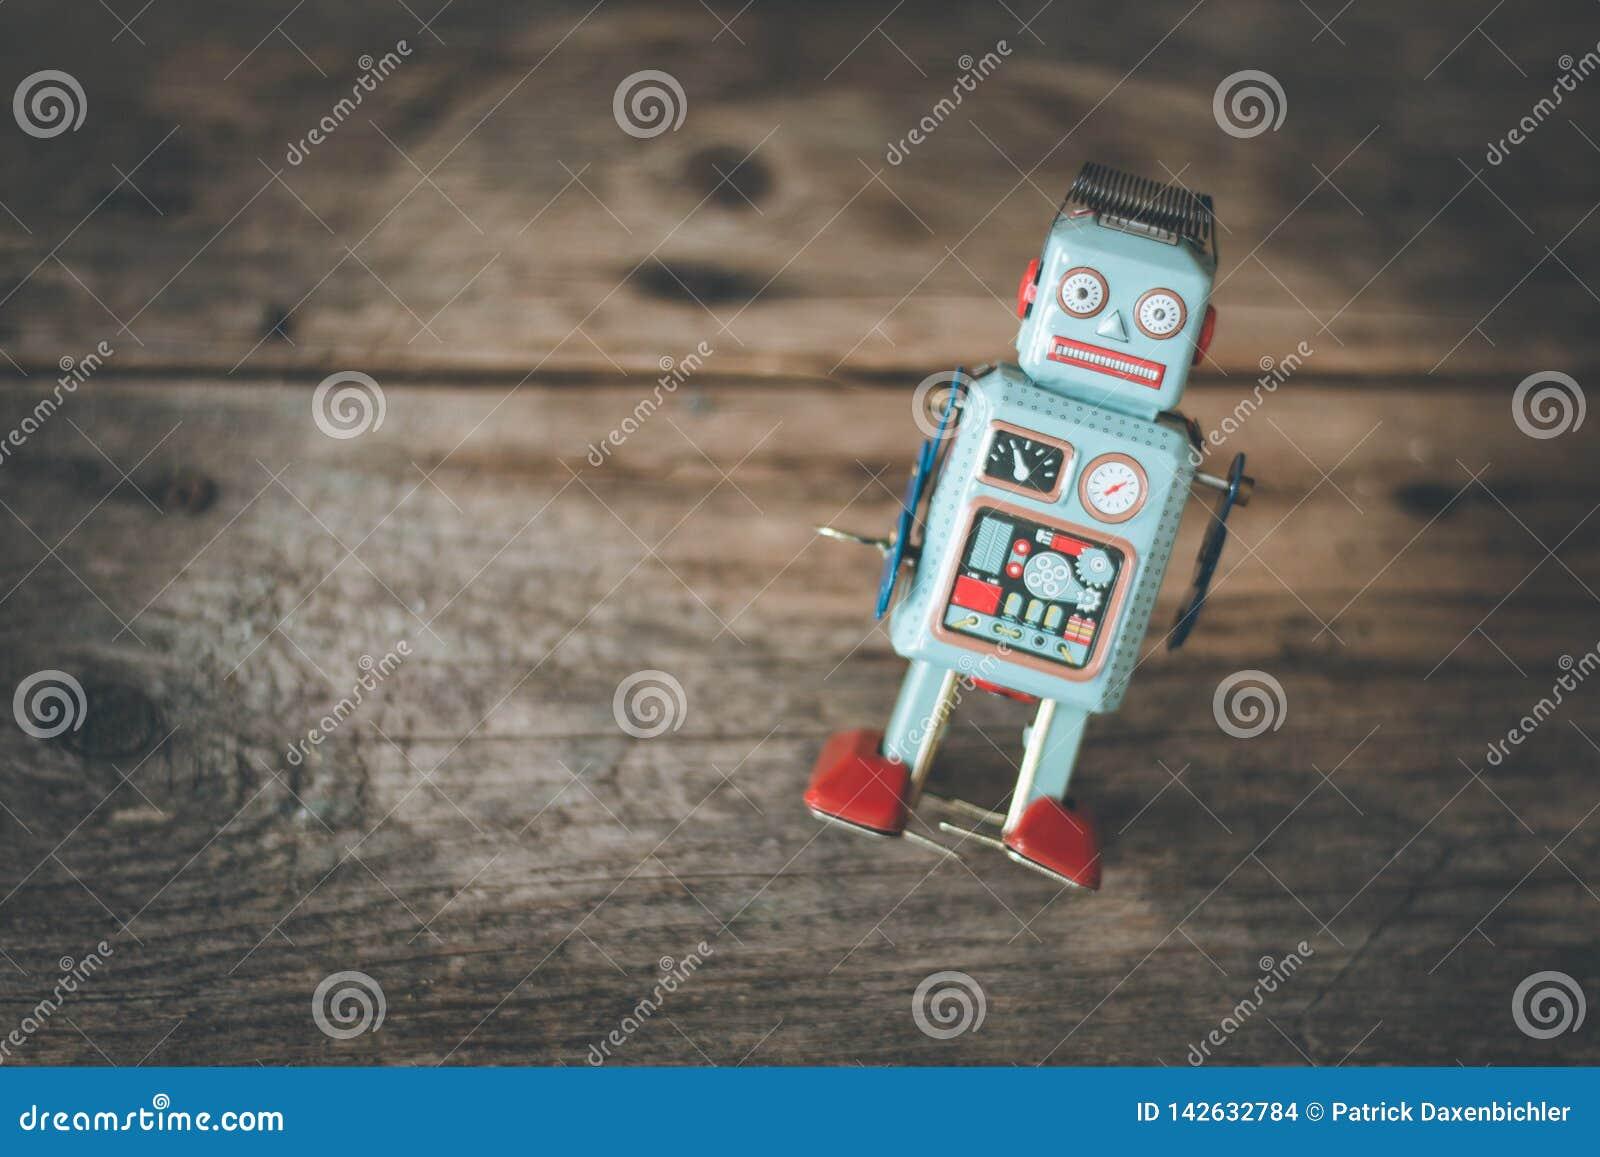 Brinquedo do robô, símbolo para um chatbot ou bot social e algoritmos Textura de madeira